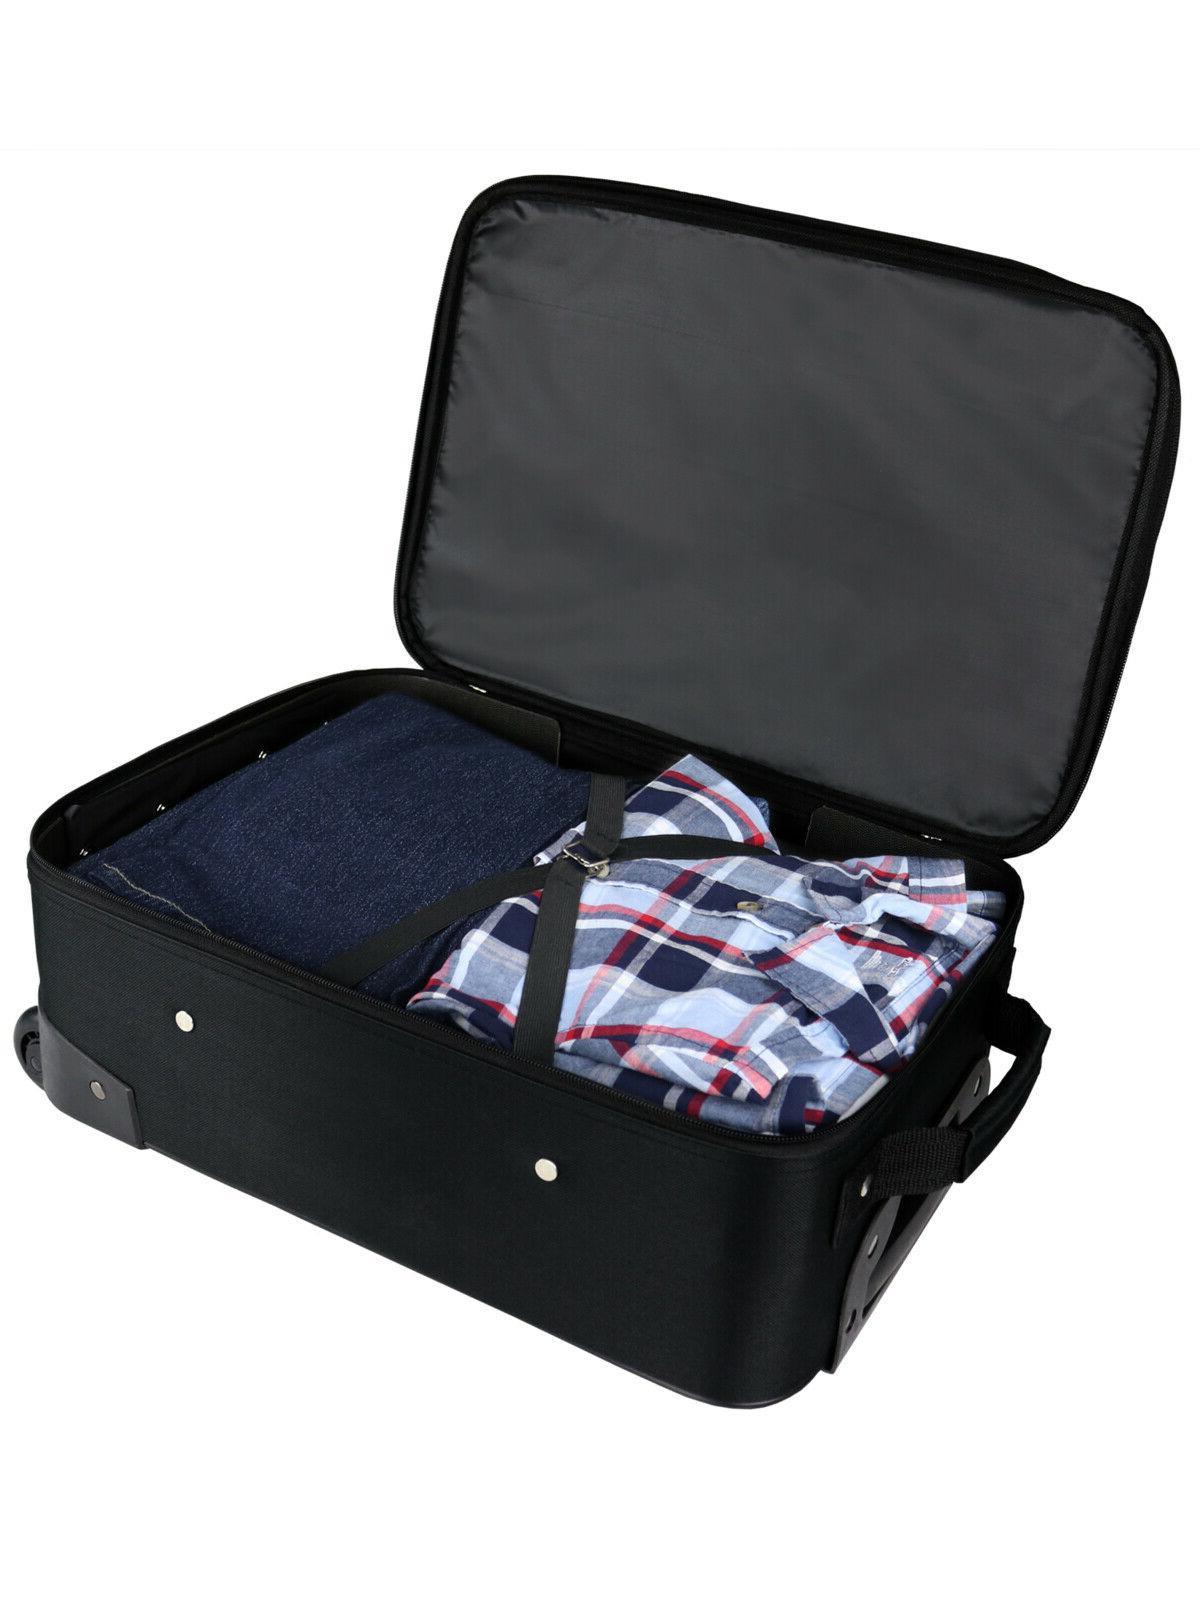 Pilot Case Upright Handle Travel Bag Black